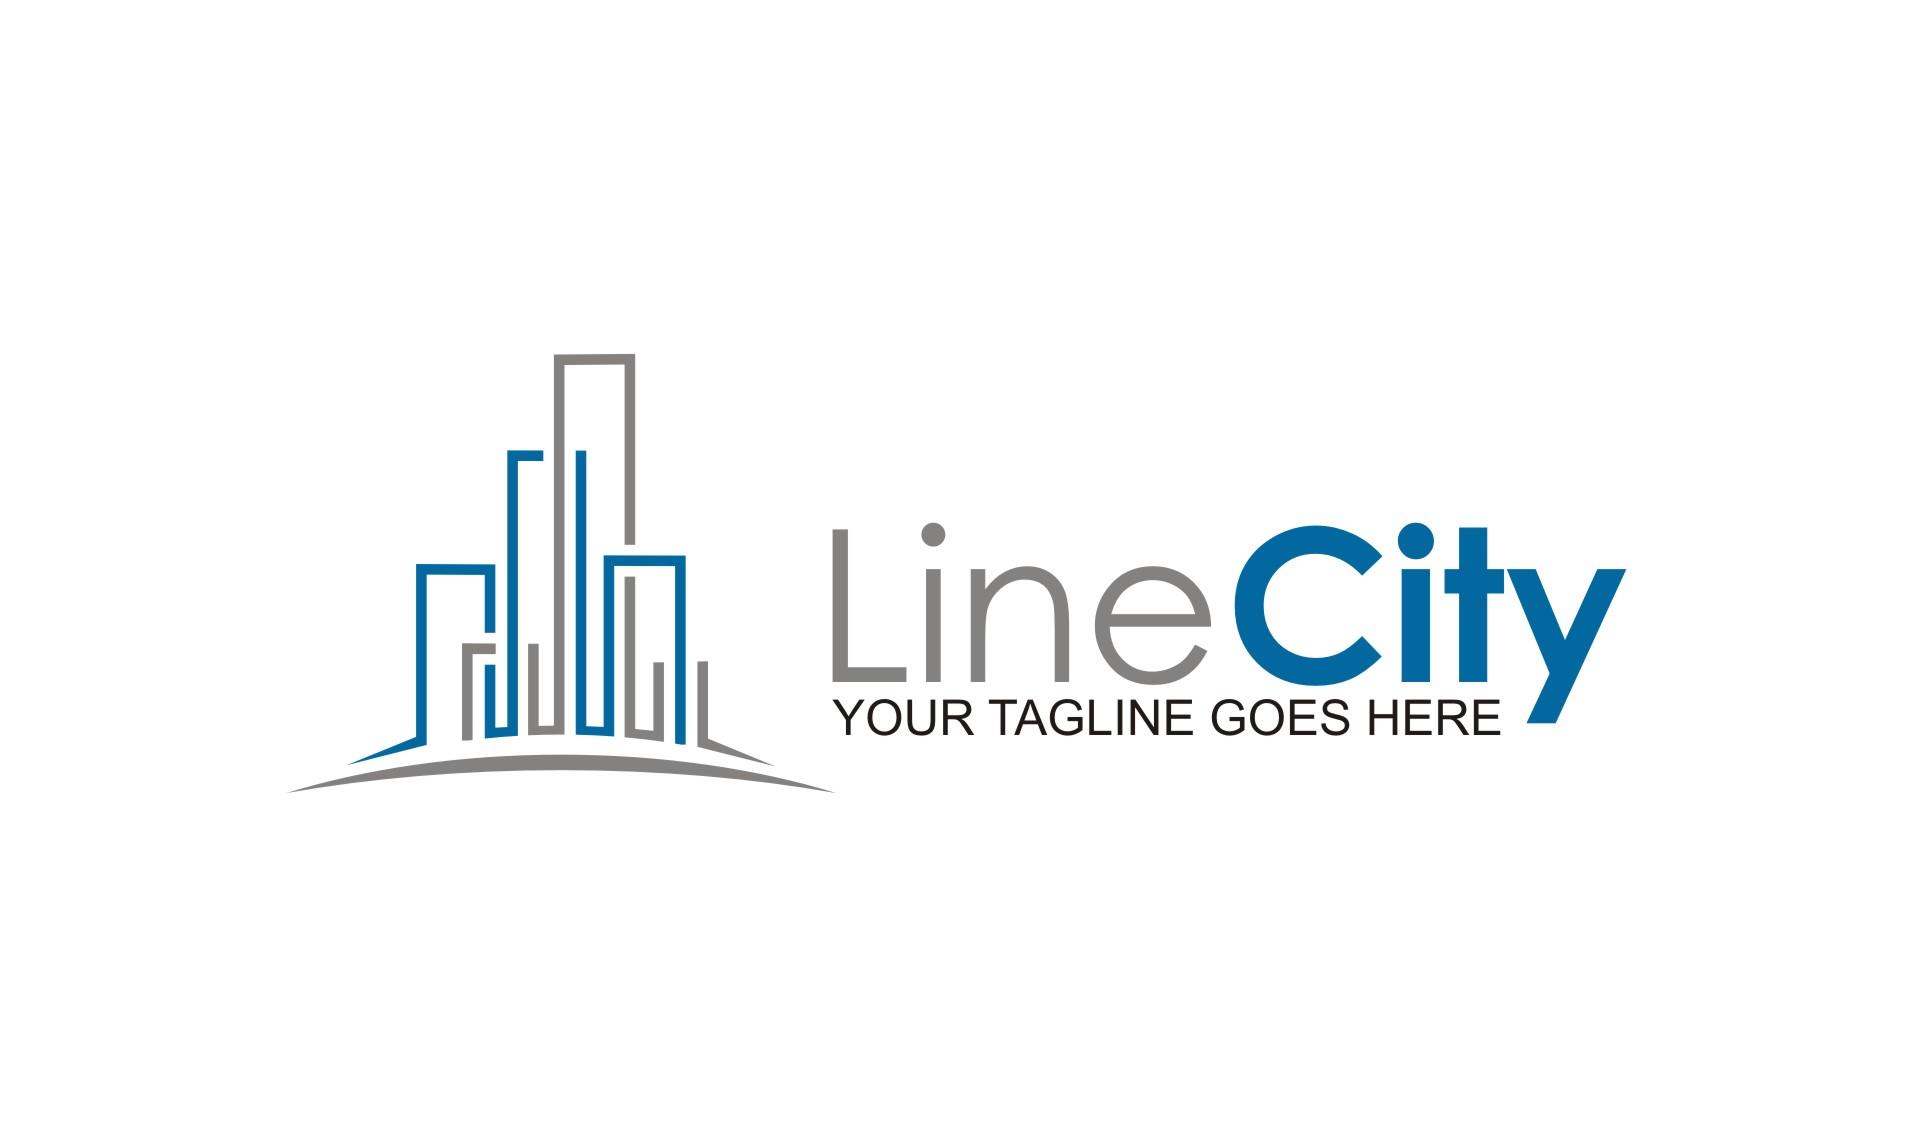 LINE CITY LOGO